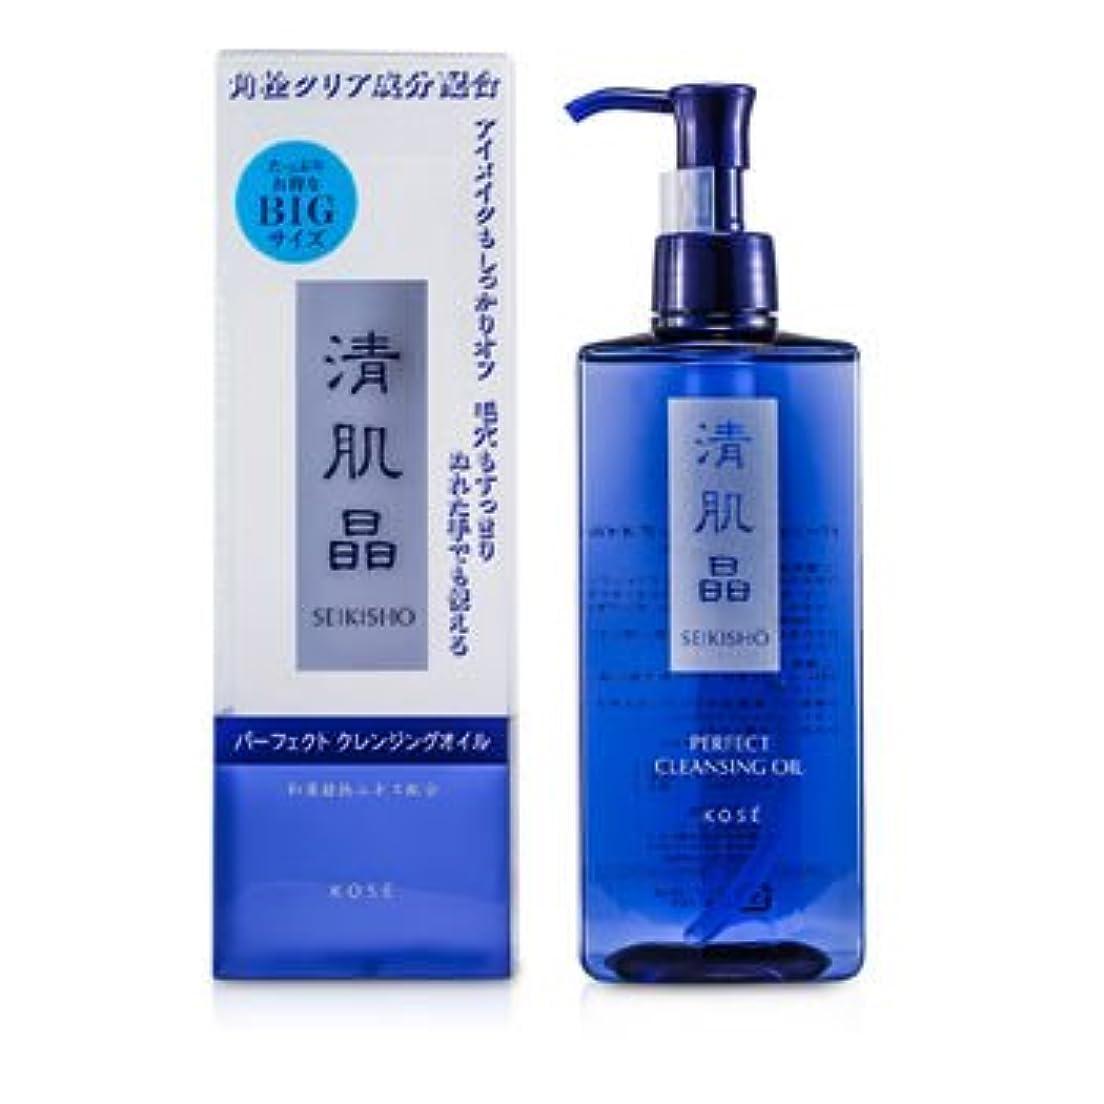 ジャーナリスト警報何コーセー Seikisho Perfect Cleansing Oil 330ml/11oz並行輸入品